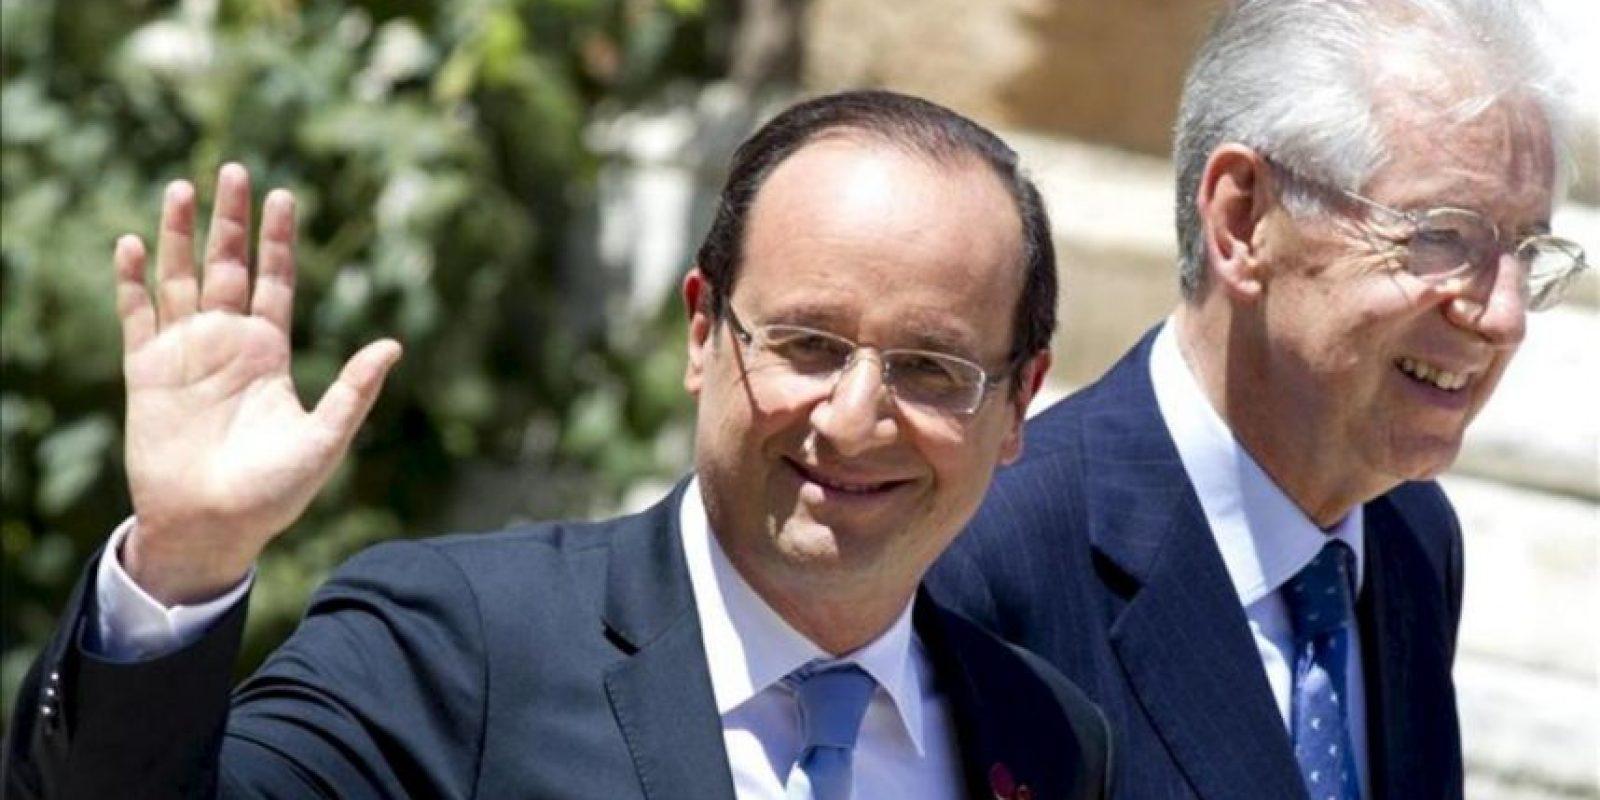 El presidente francés, François Hollande (i), saluda junto al primer minitro italiano, Mario Monti, a su llegada a la reunión entre los líderes de las cuatro primeras economías de la zona euro celebrada en Roma. EFE